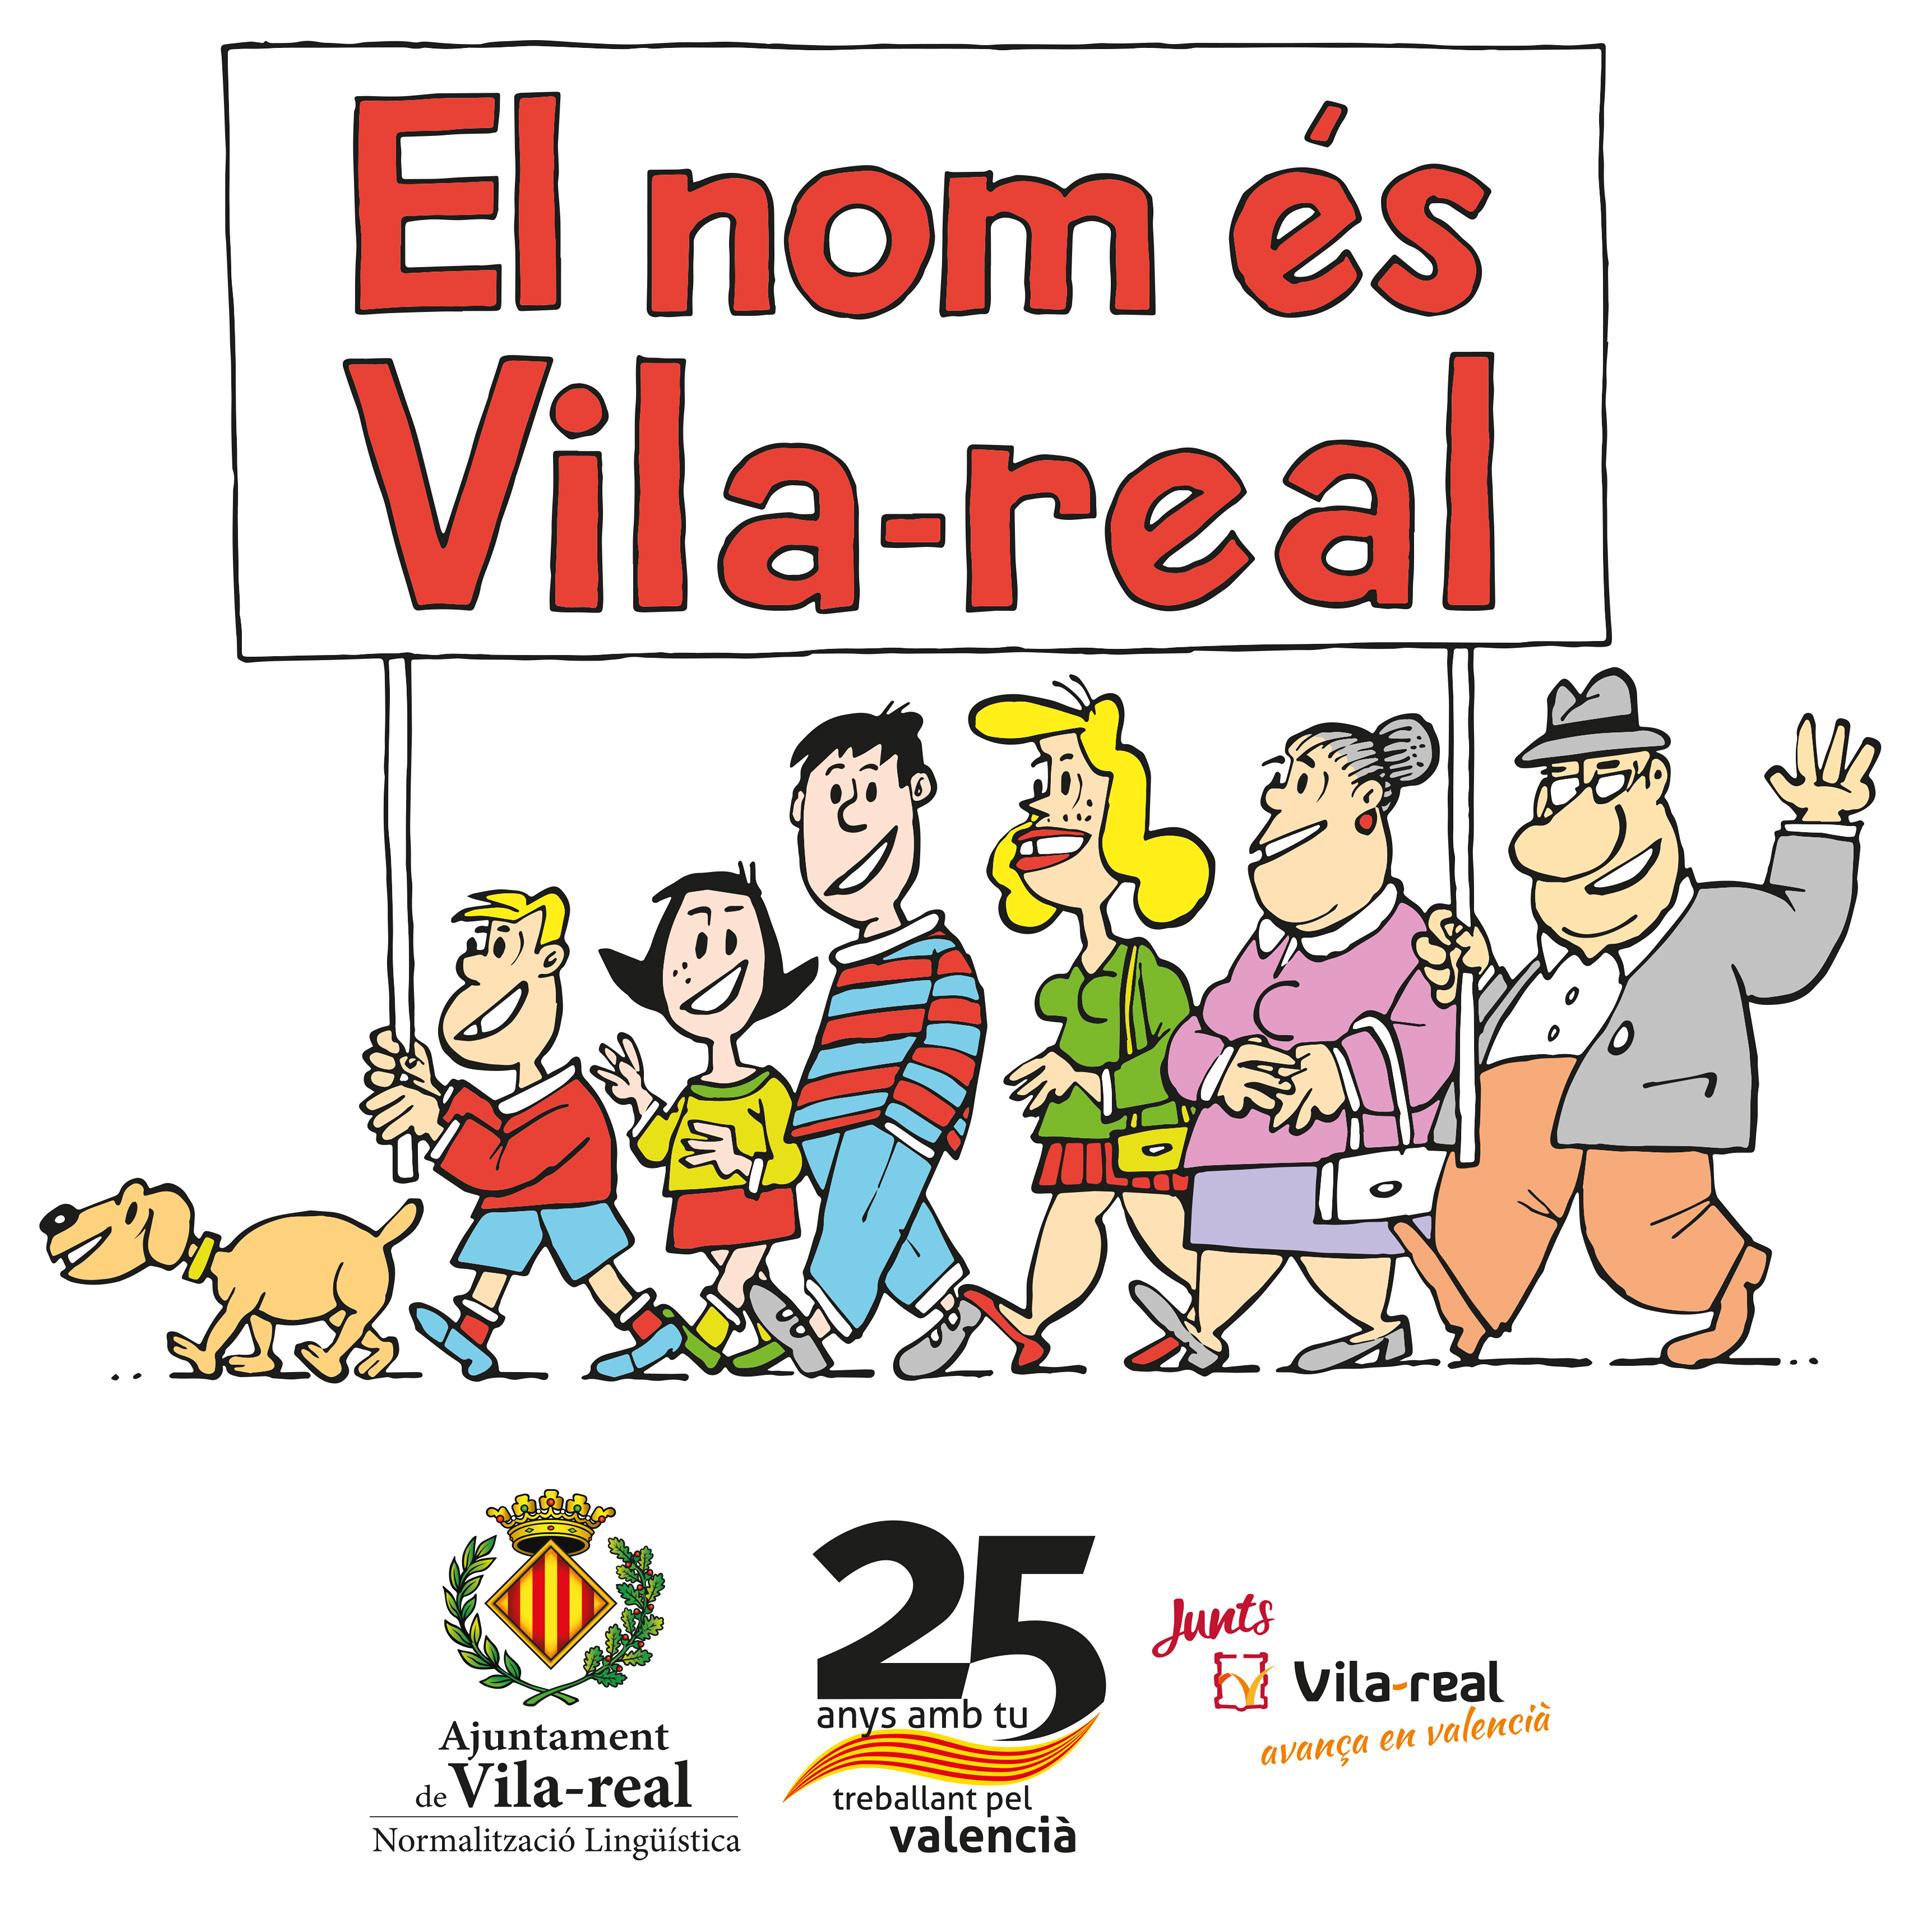 Normalización Lingüística actualiza la imagen de la campaña 'El nom és Vila-real' con un nuevo diseño de Quique